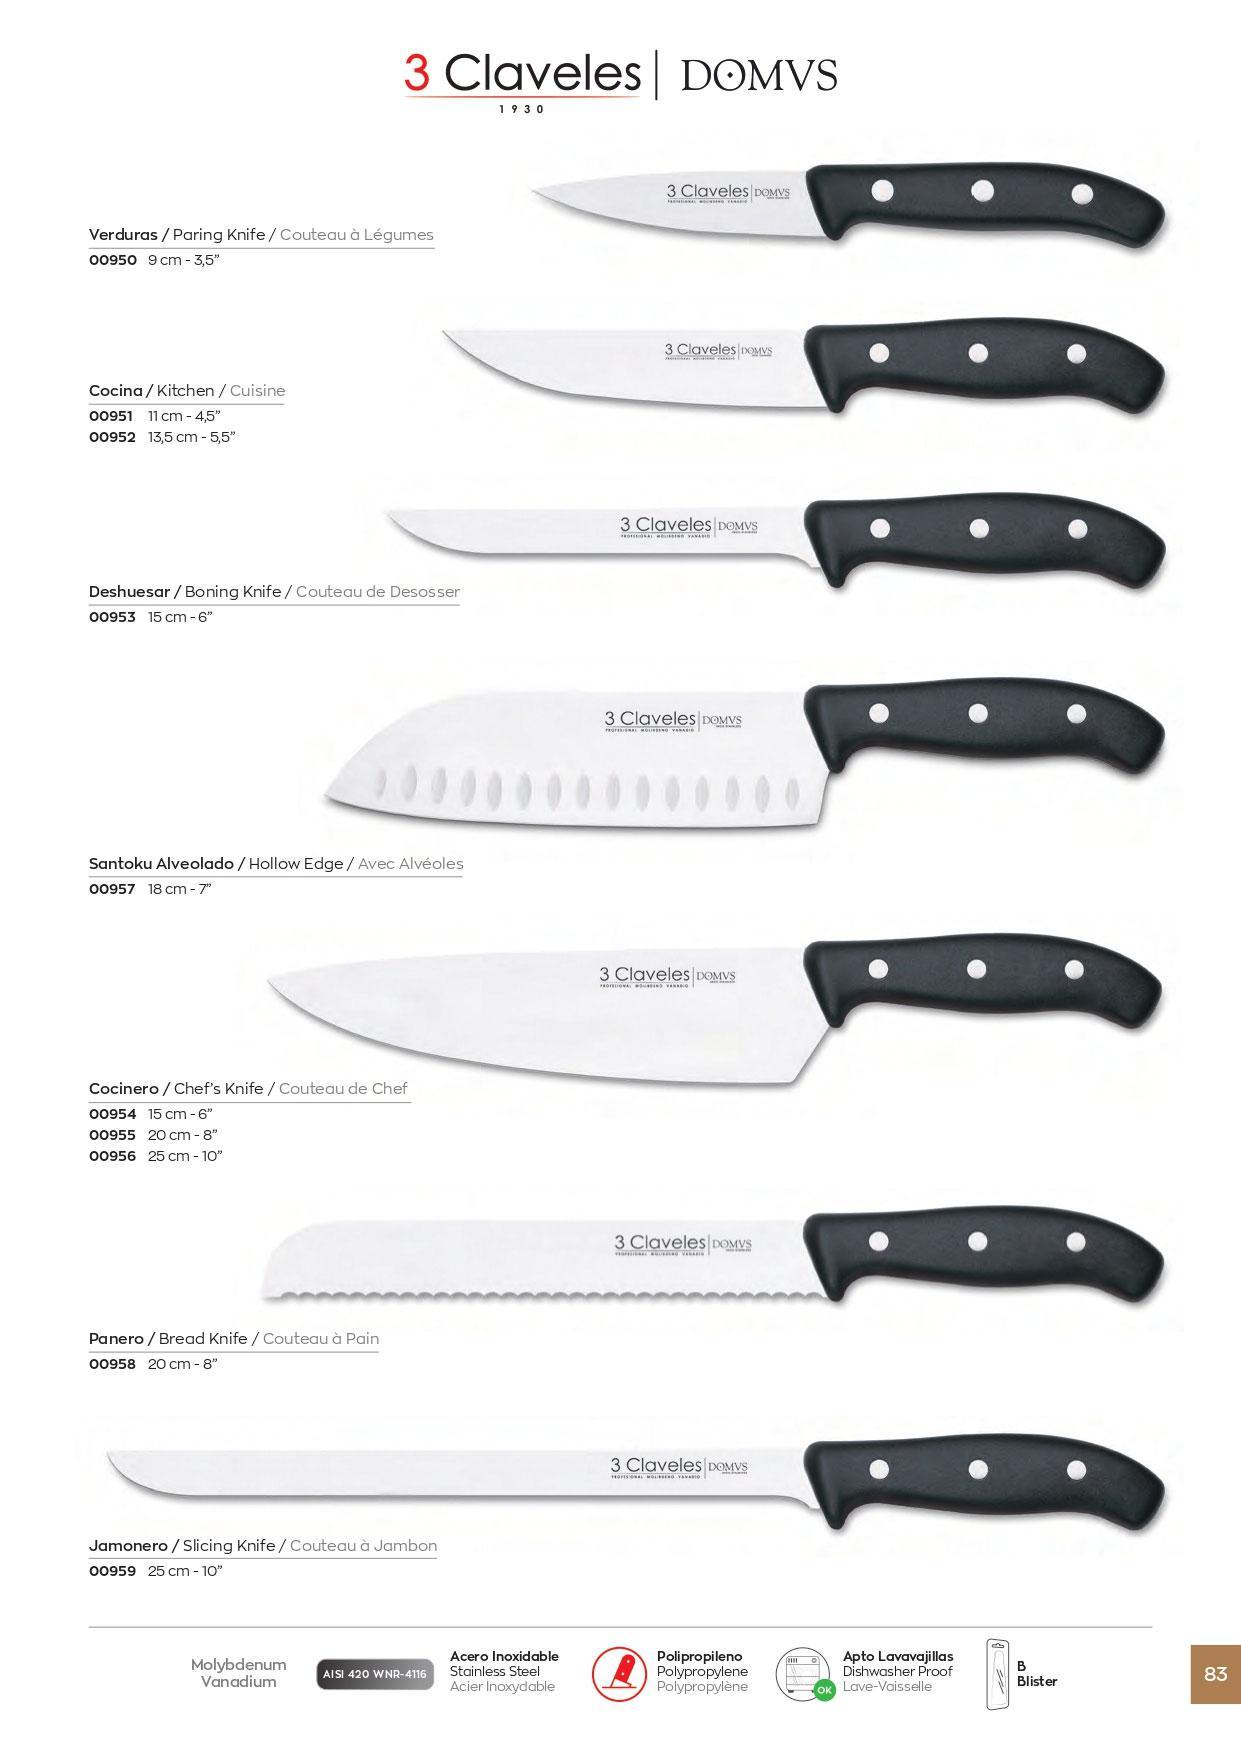 coutellerie professionnelle cuisiner cuchillos cocina domws 3 claveles couteaux gros. Black Bedroom Furniture Sets. Home Design Ideas